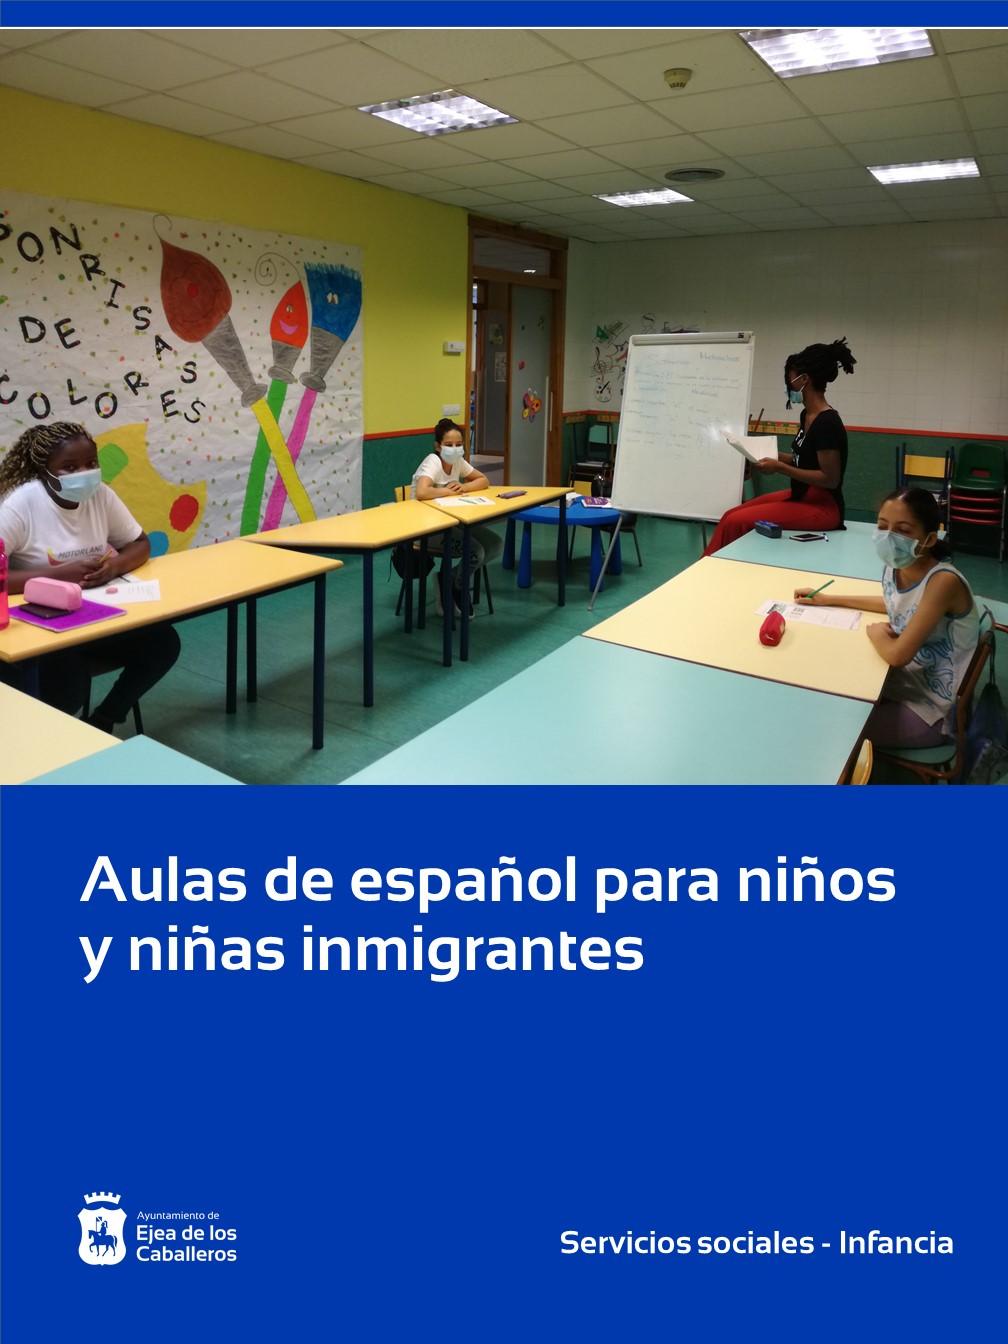 Aulas de español para niños y niñas inmigrantes en Ejea de los Caballeros